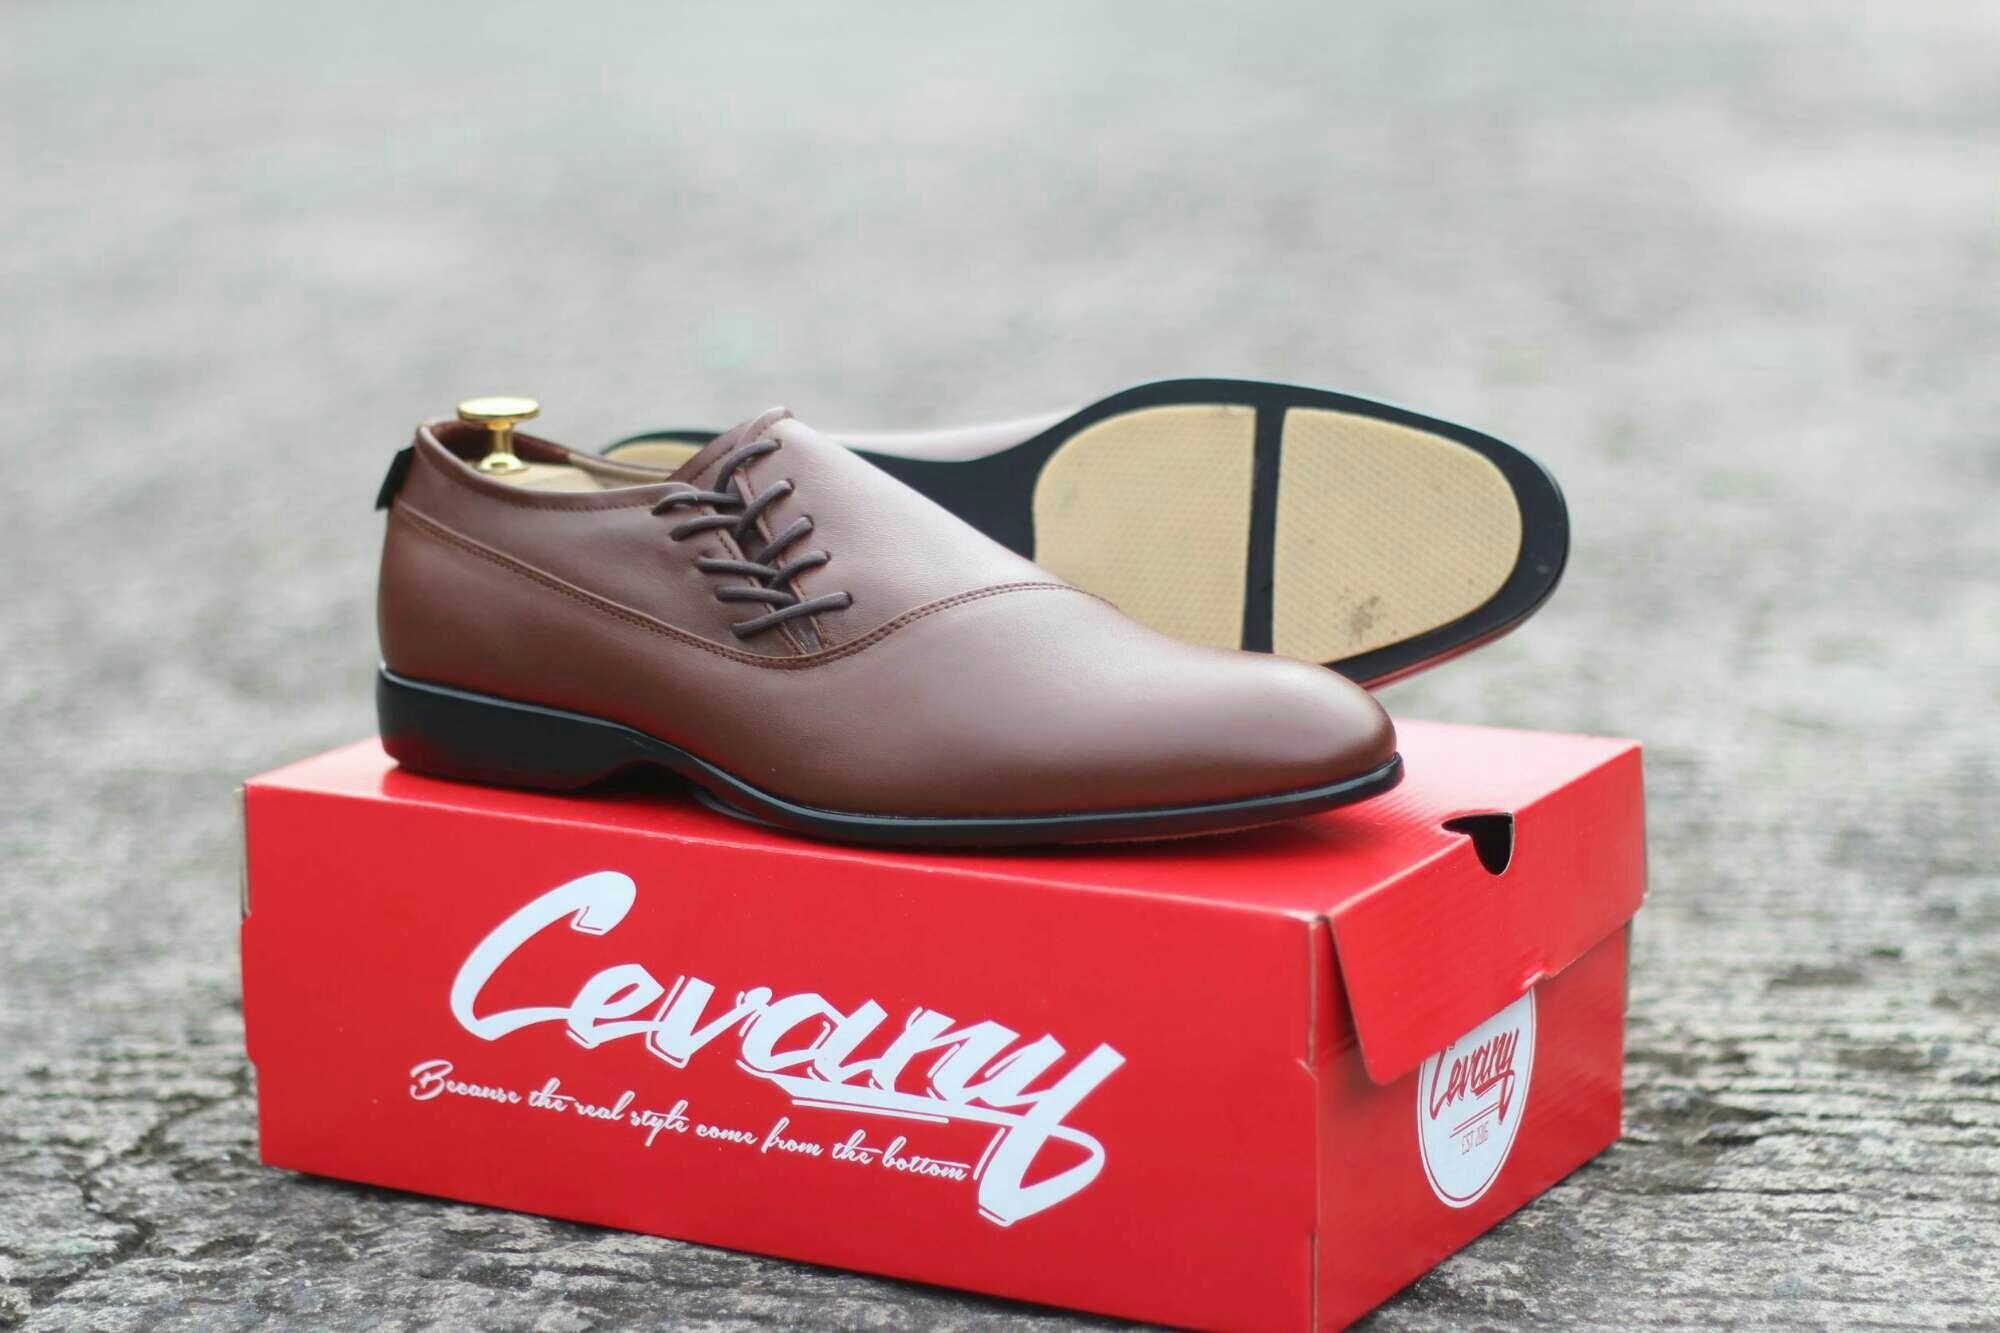 Sepatu CASUAL formal kerja cevany Megan kulit asli original - sepatu kulit pria kerja kantor CASUAL